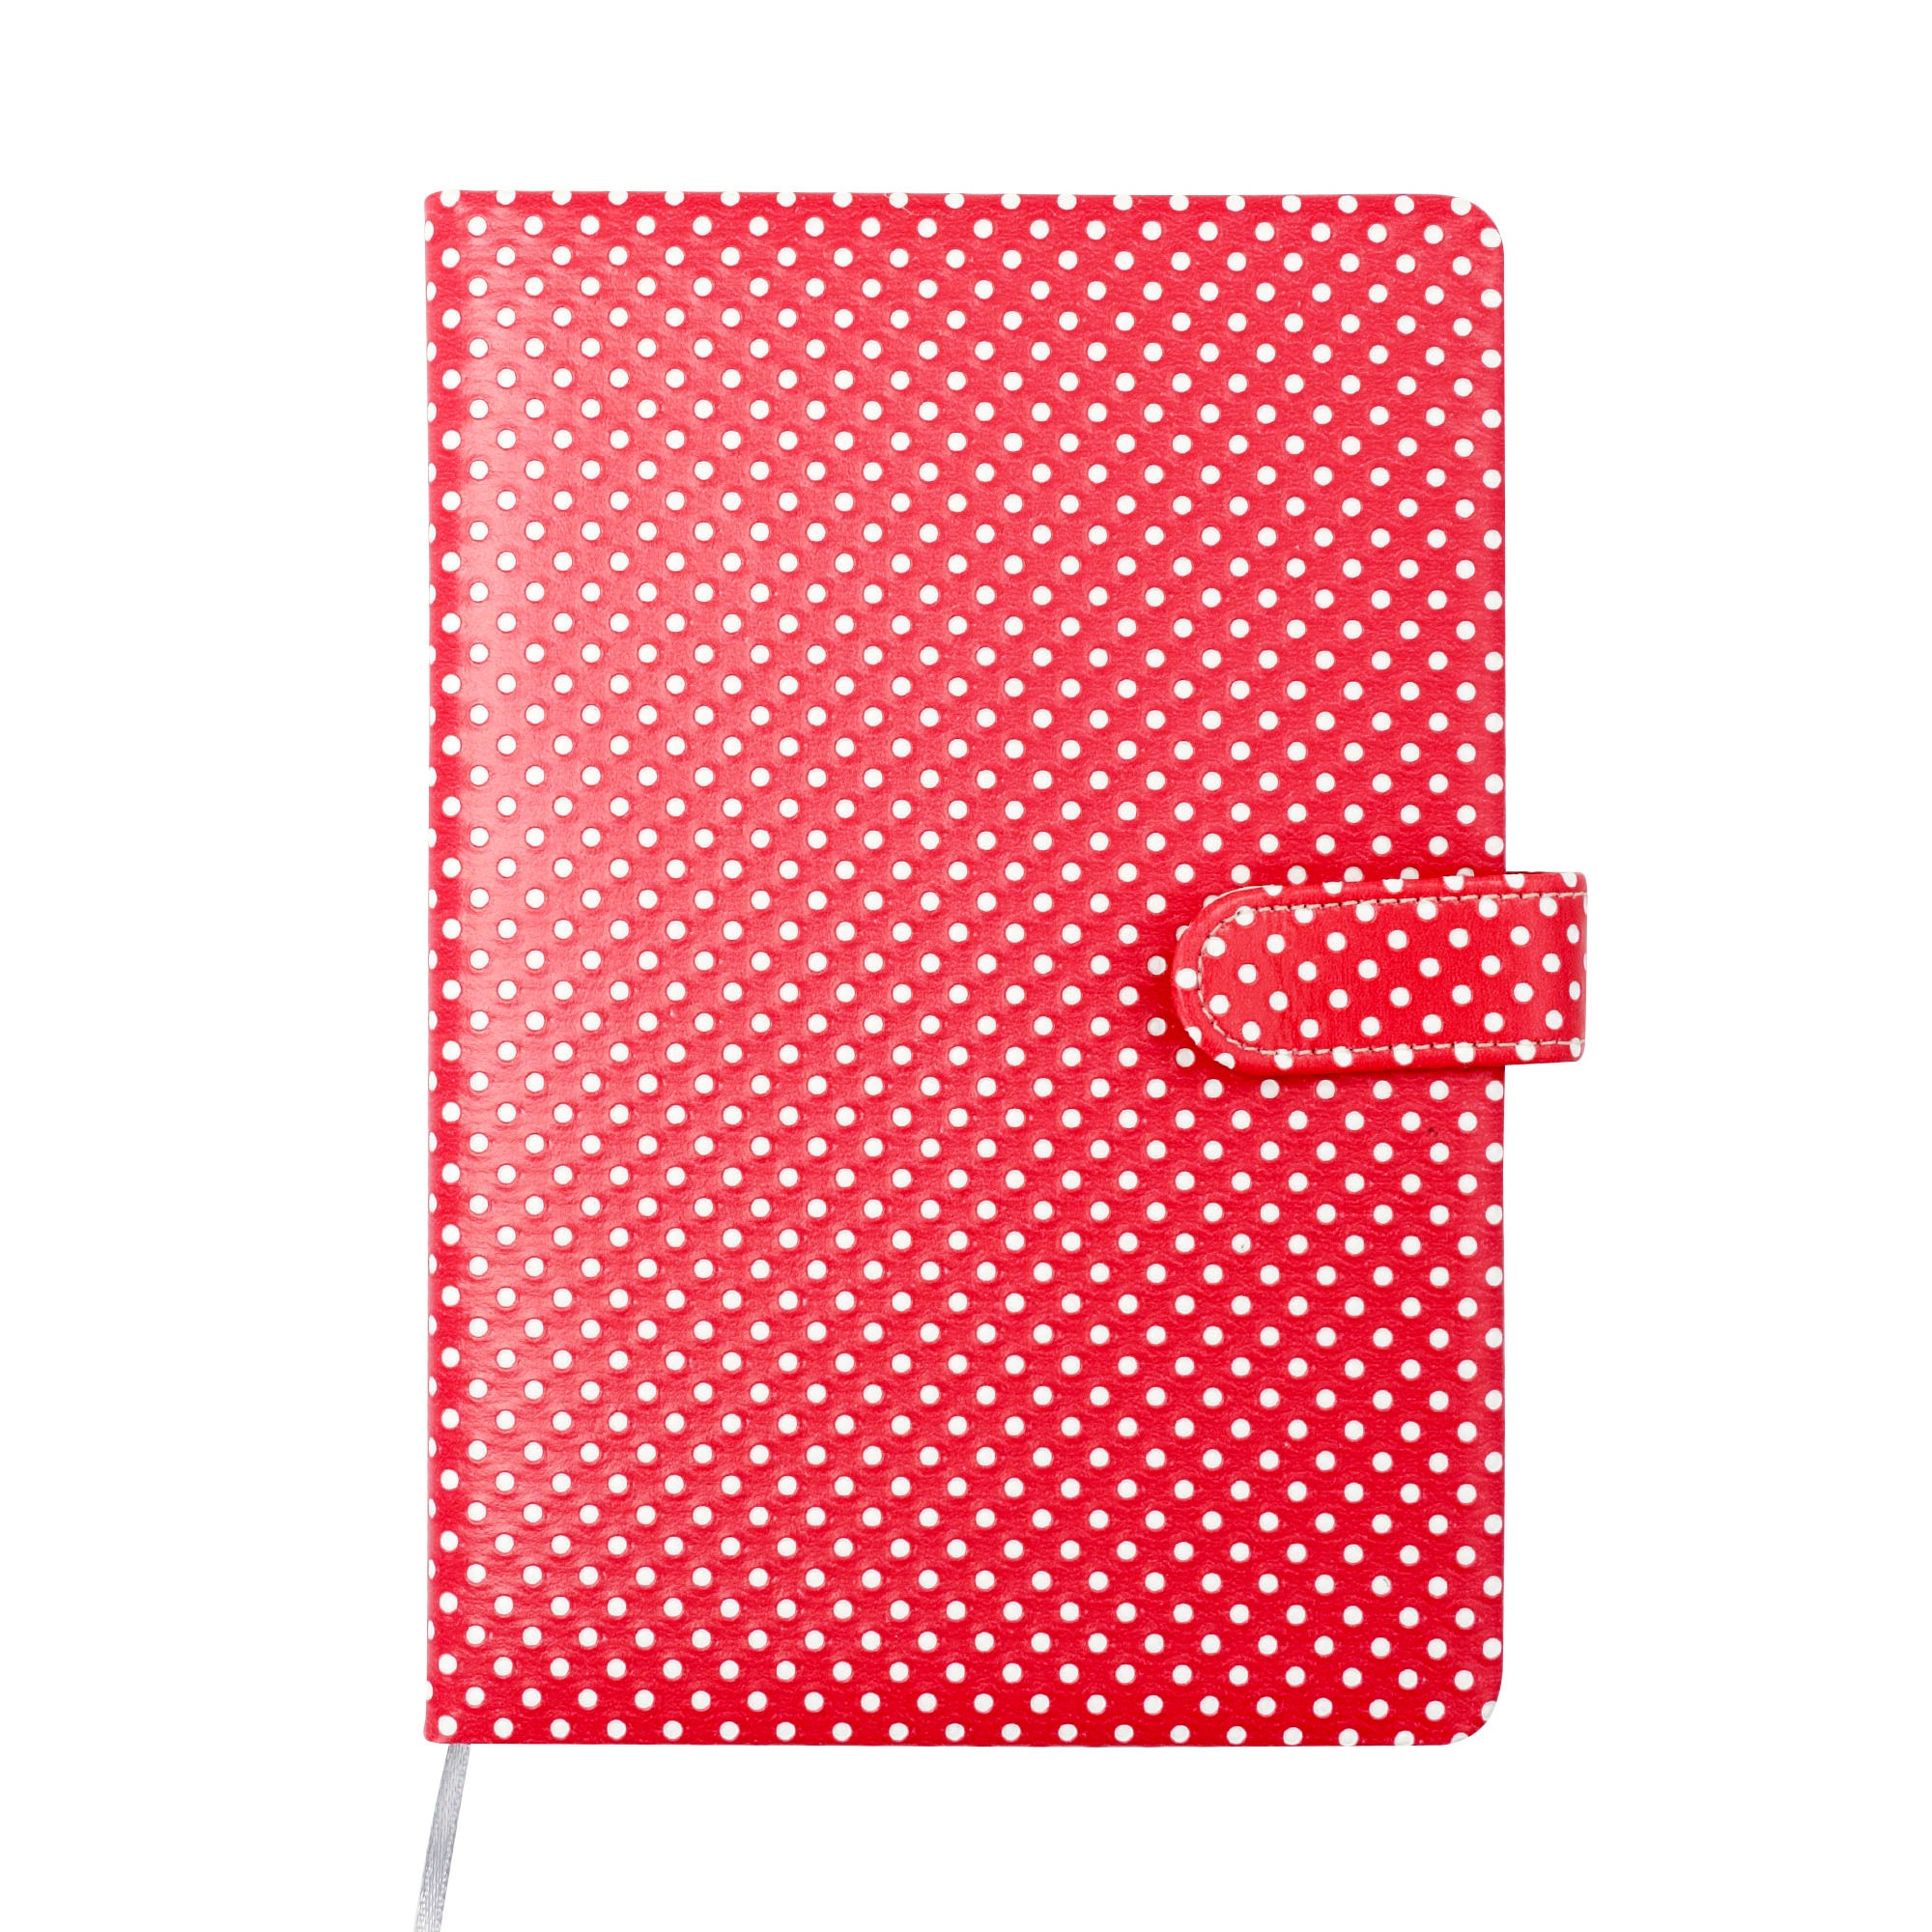 Pink Polka Dot 2015 A5 Diary